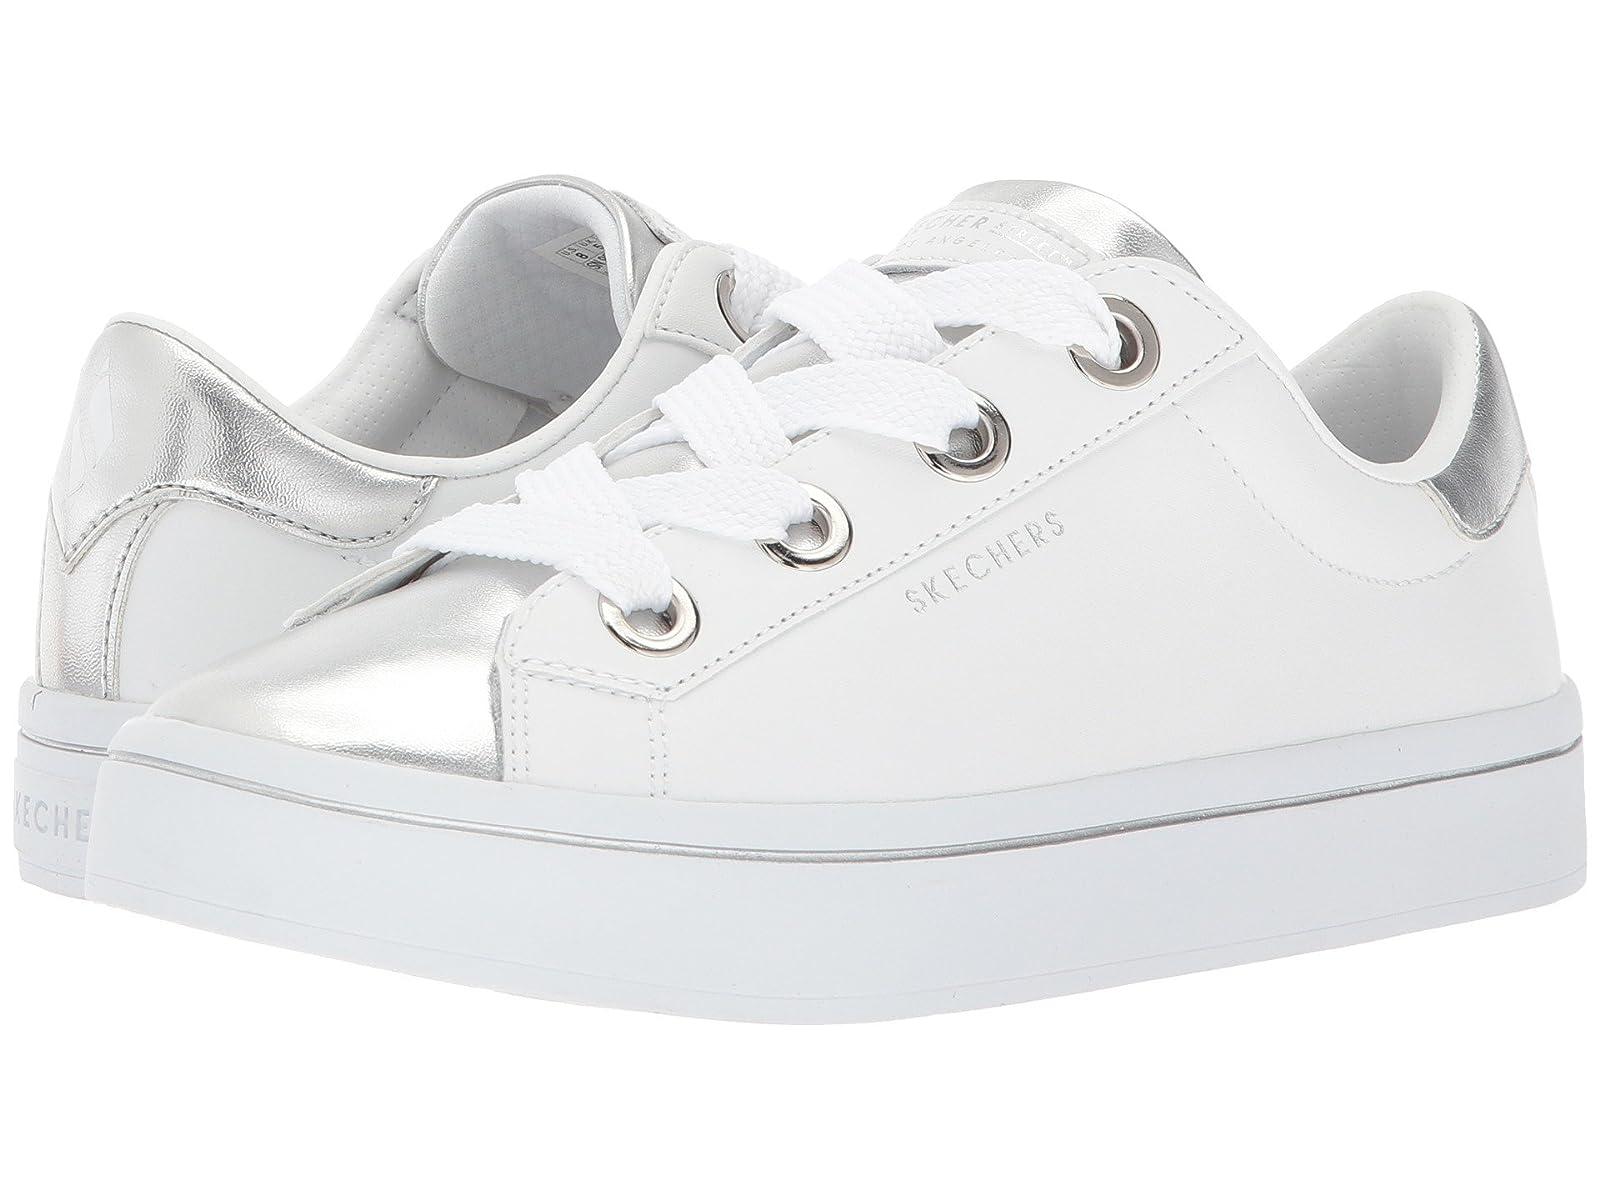 SKECHERS Hi-Lite - Medal ToesAtmospheric grades have affordable shoes